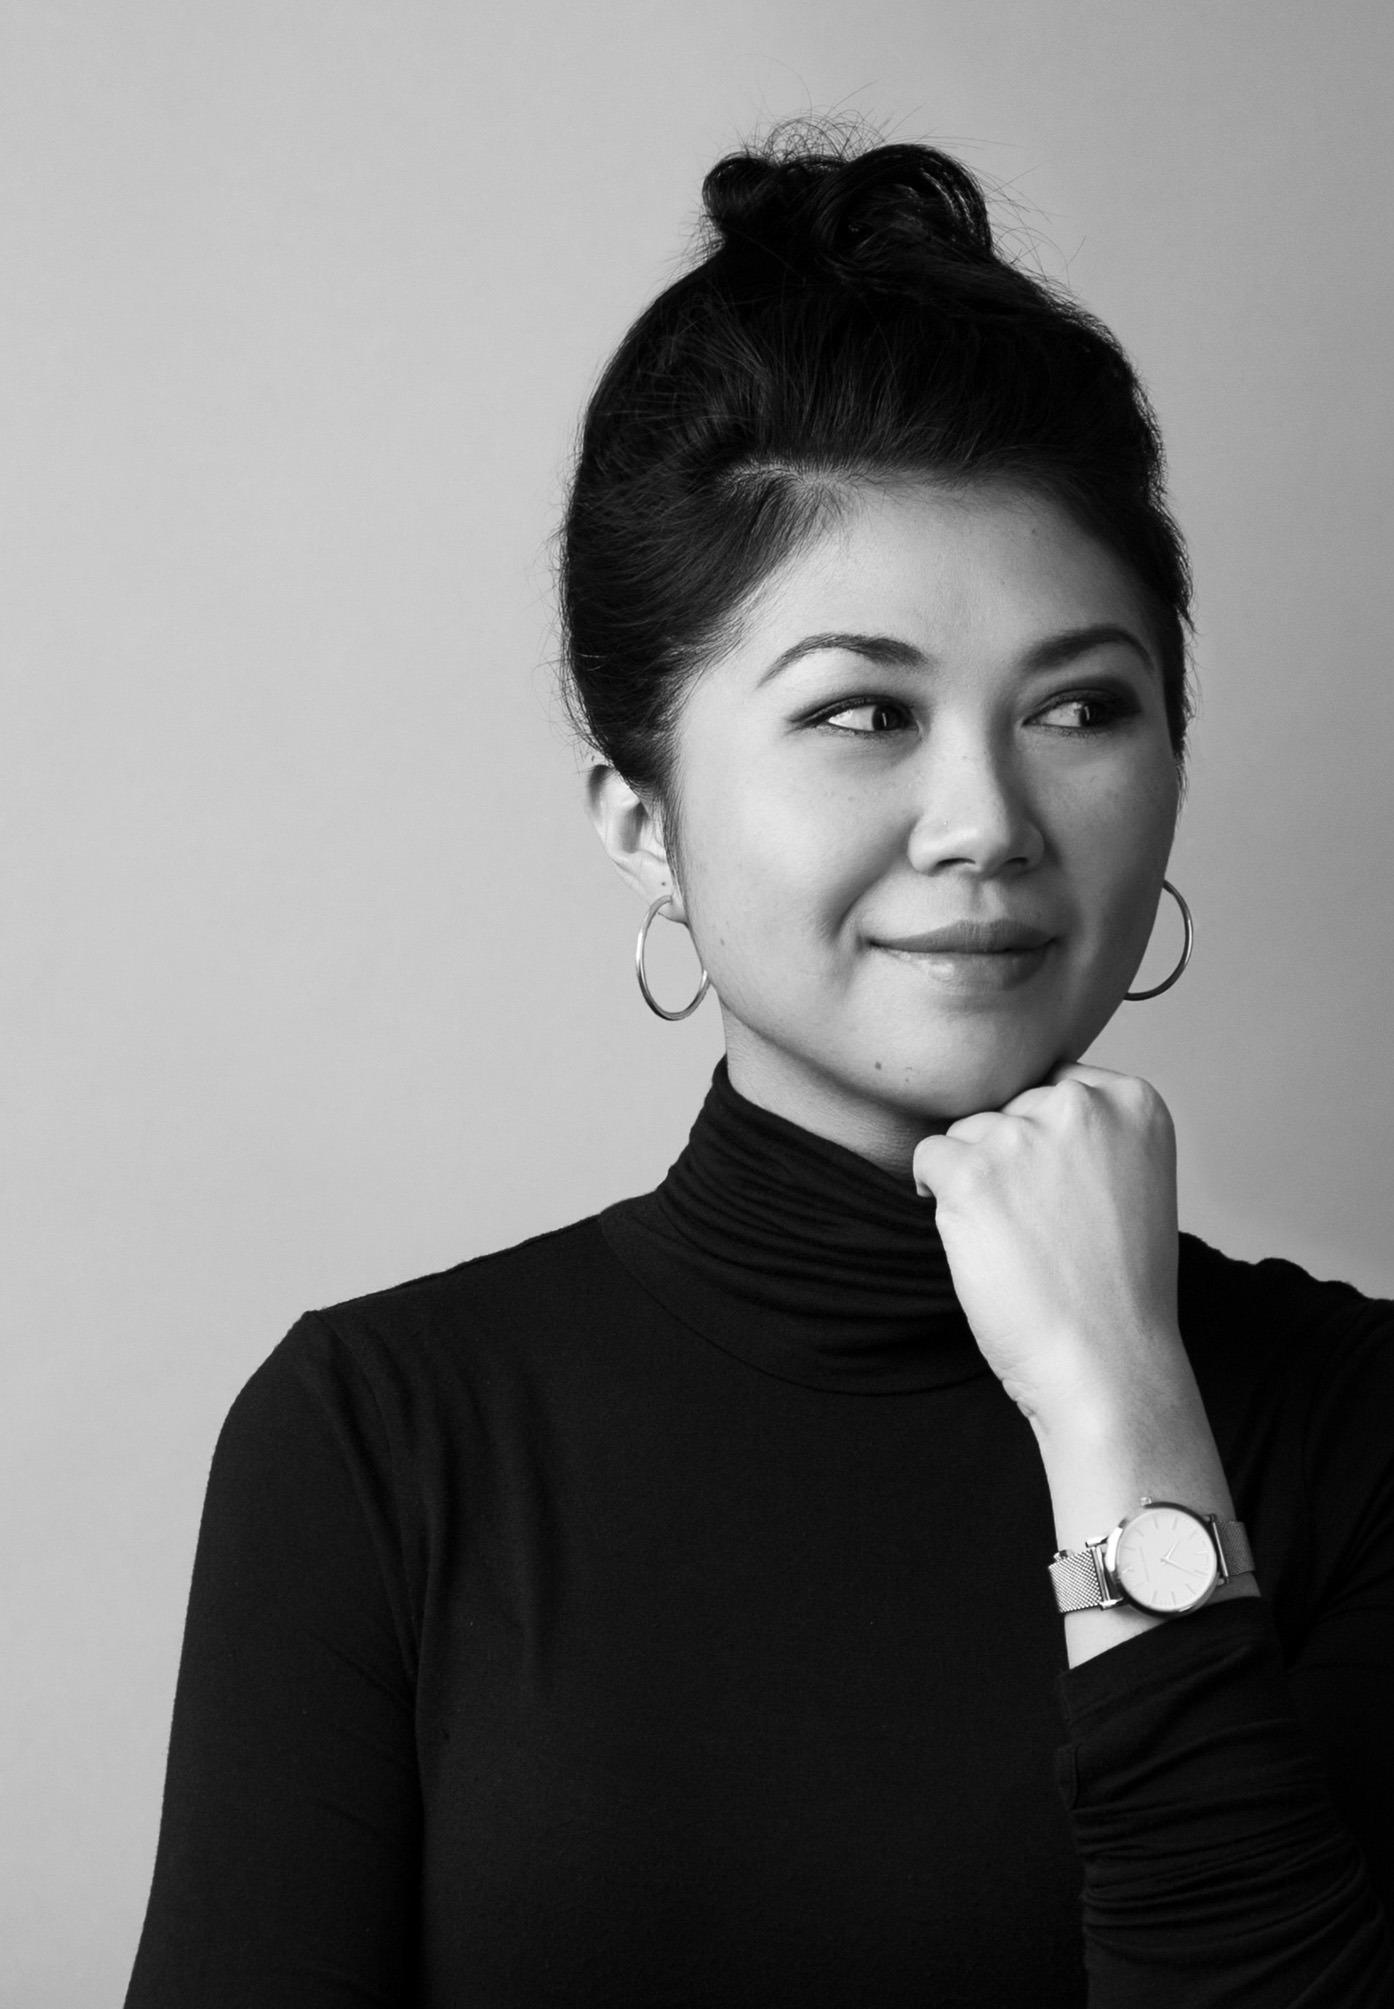 Irene Oktarina